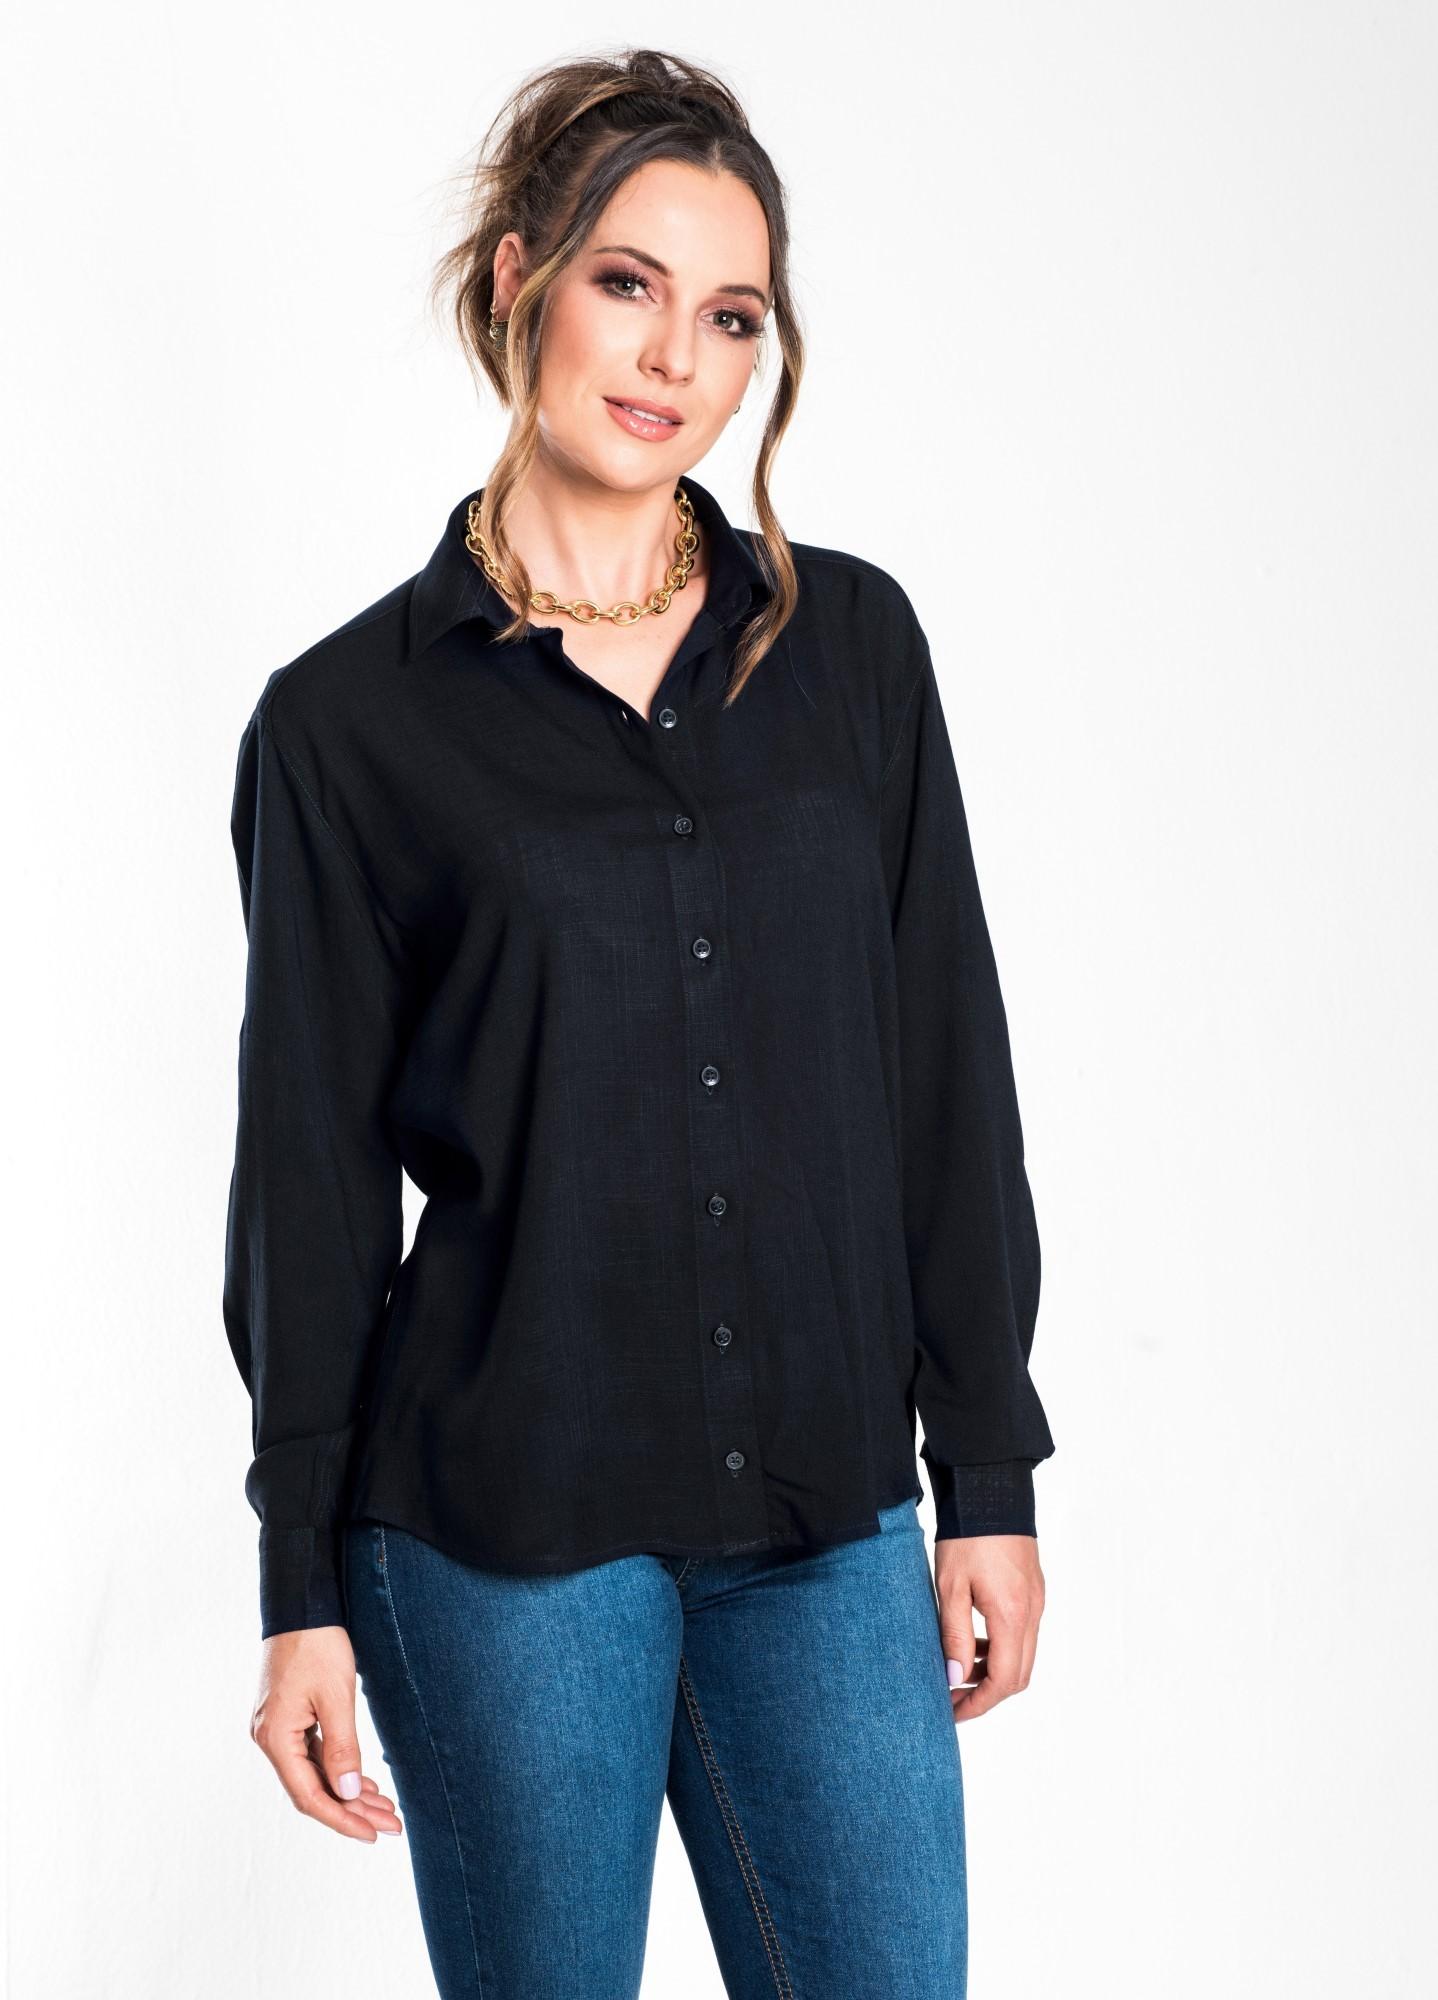 Camisa Feminina Linho Preta